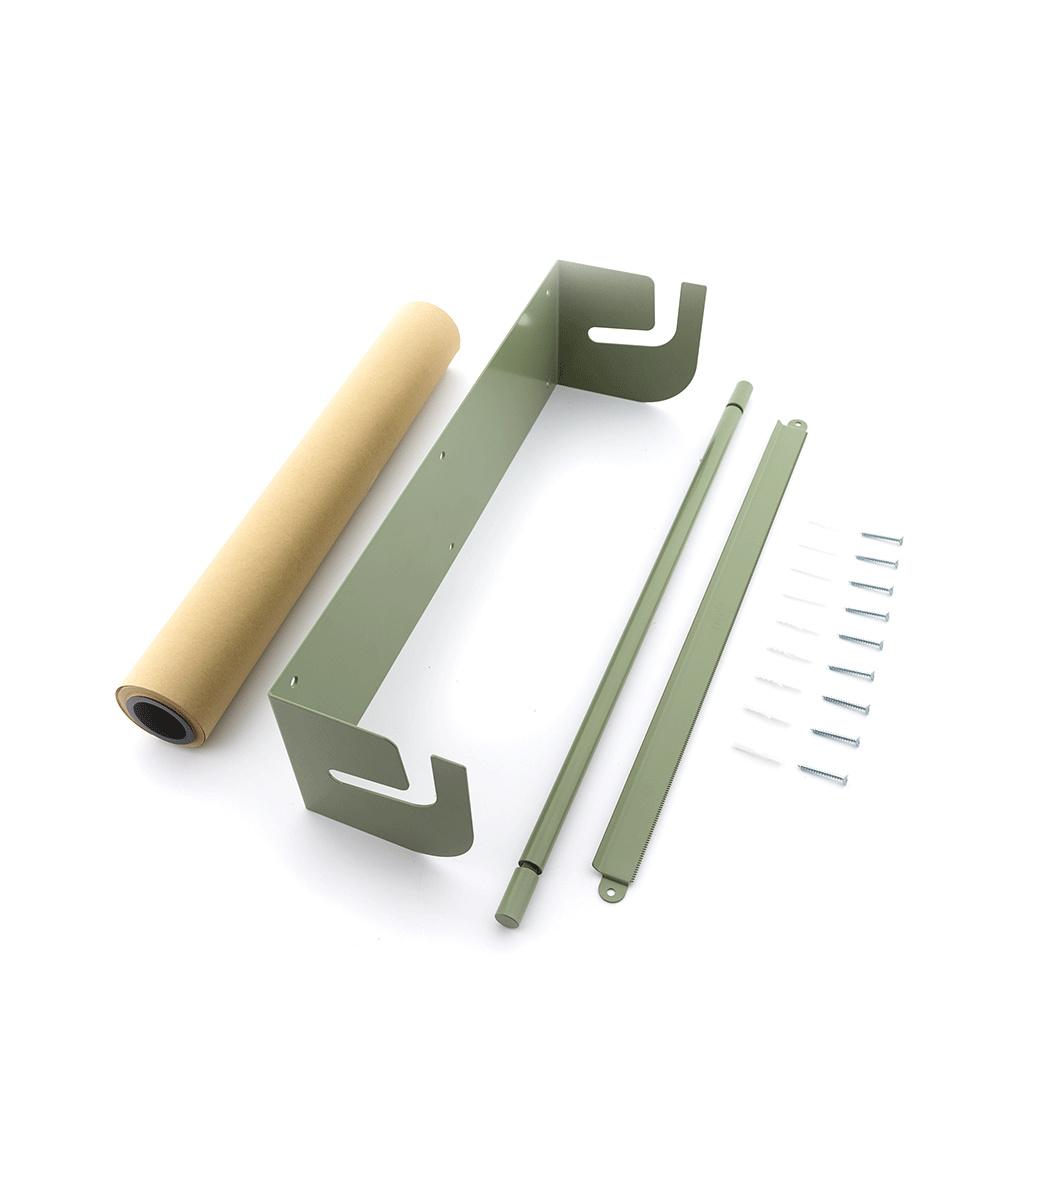 Kraft paper roller L - Grün-2